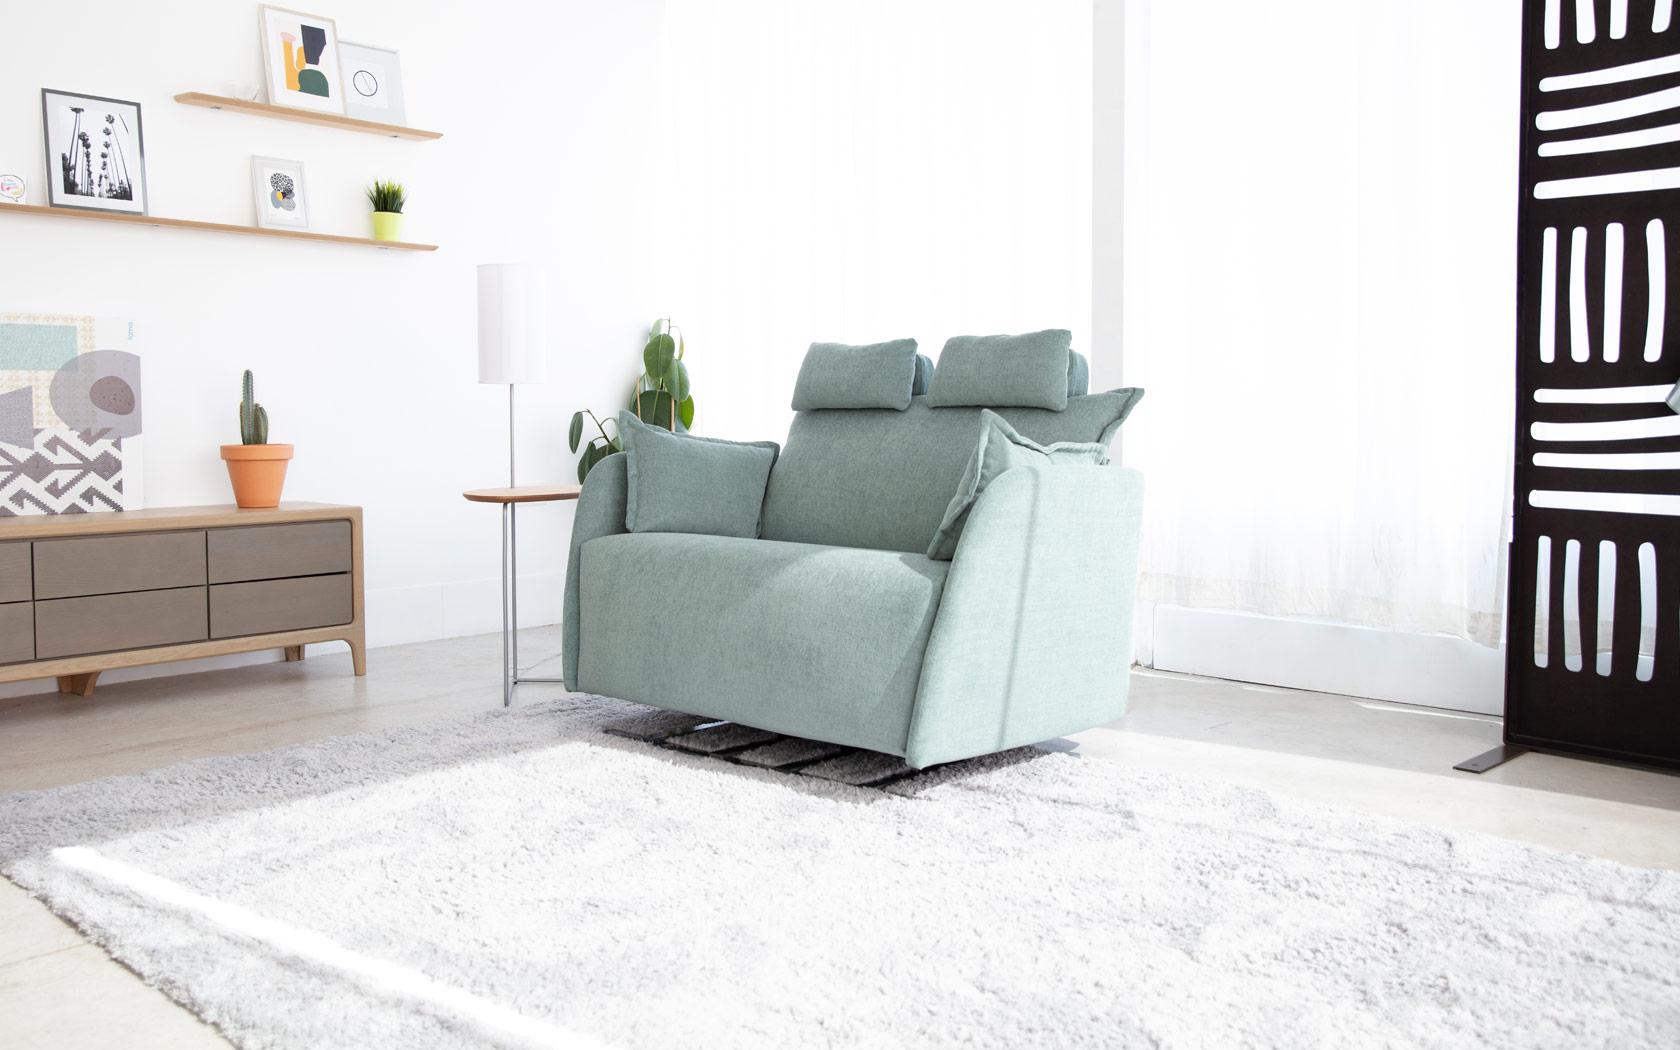 Nadia XL sillón doble Fama 2020 07